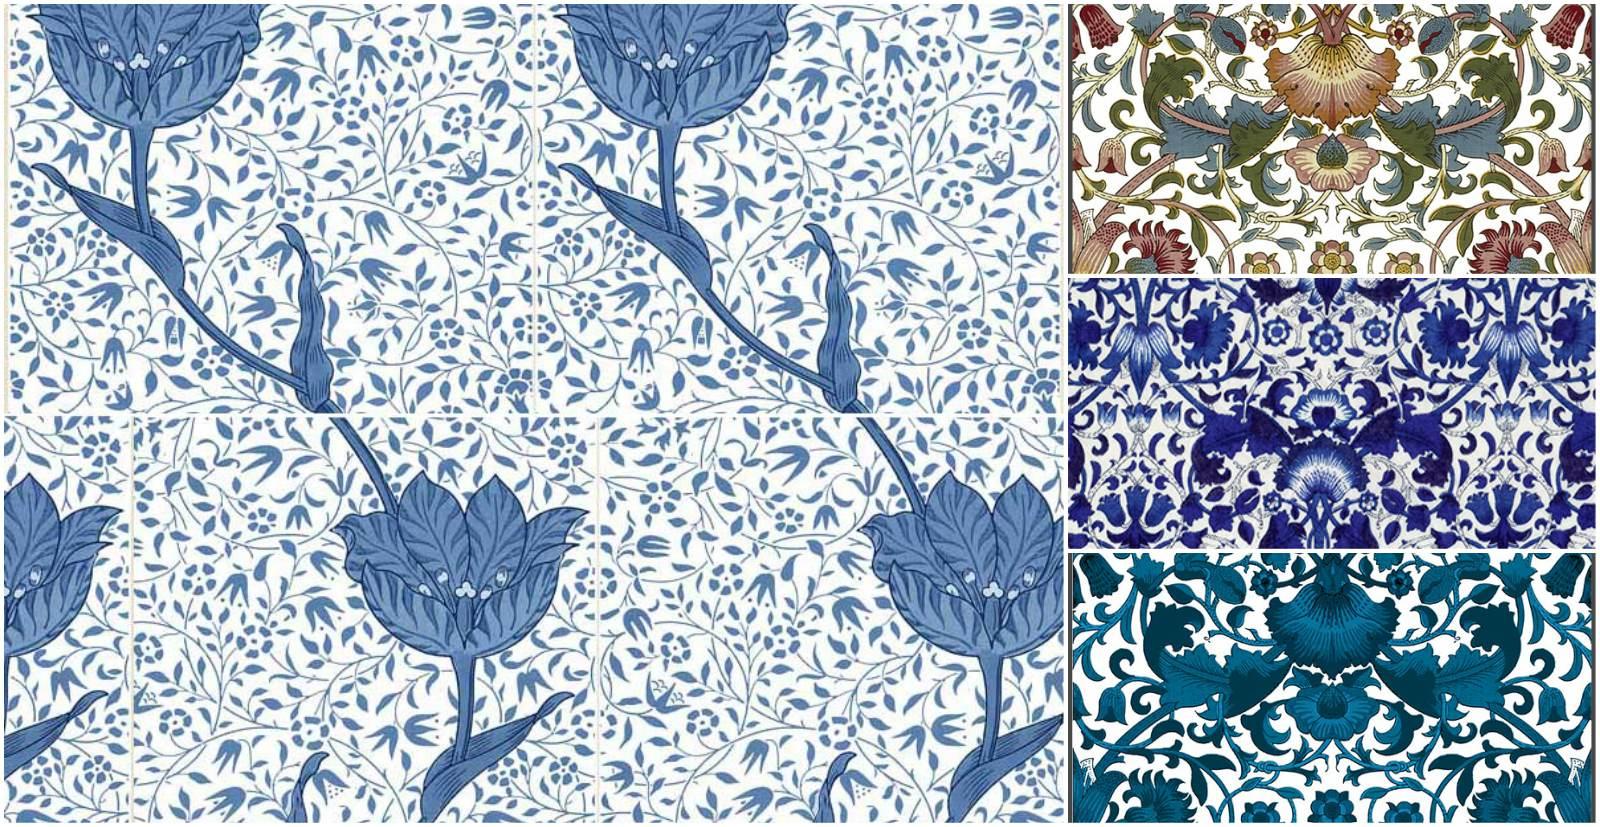 Medway (Tulip Vine) and Lodden Tiles